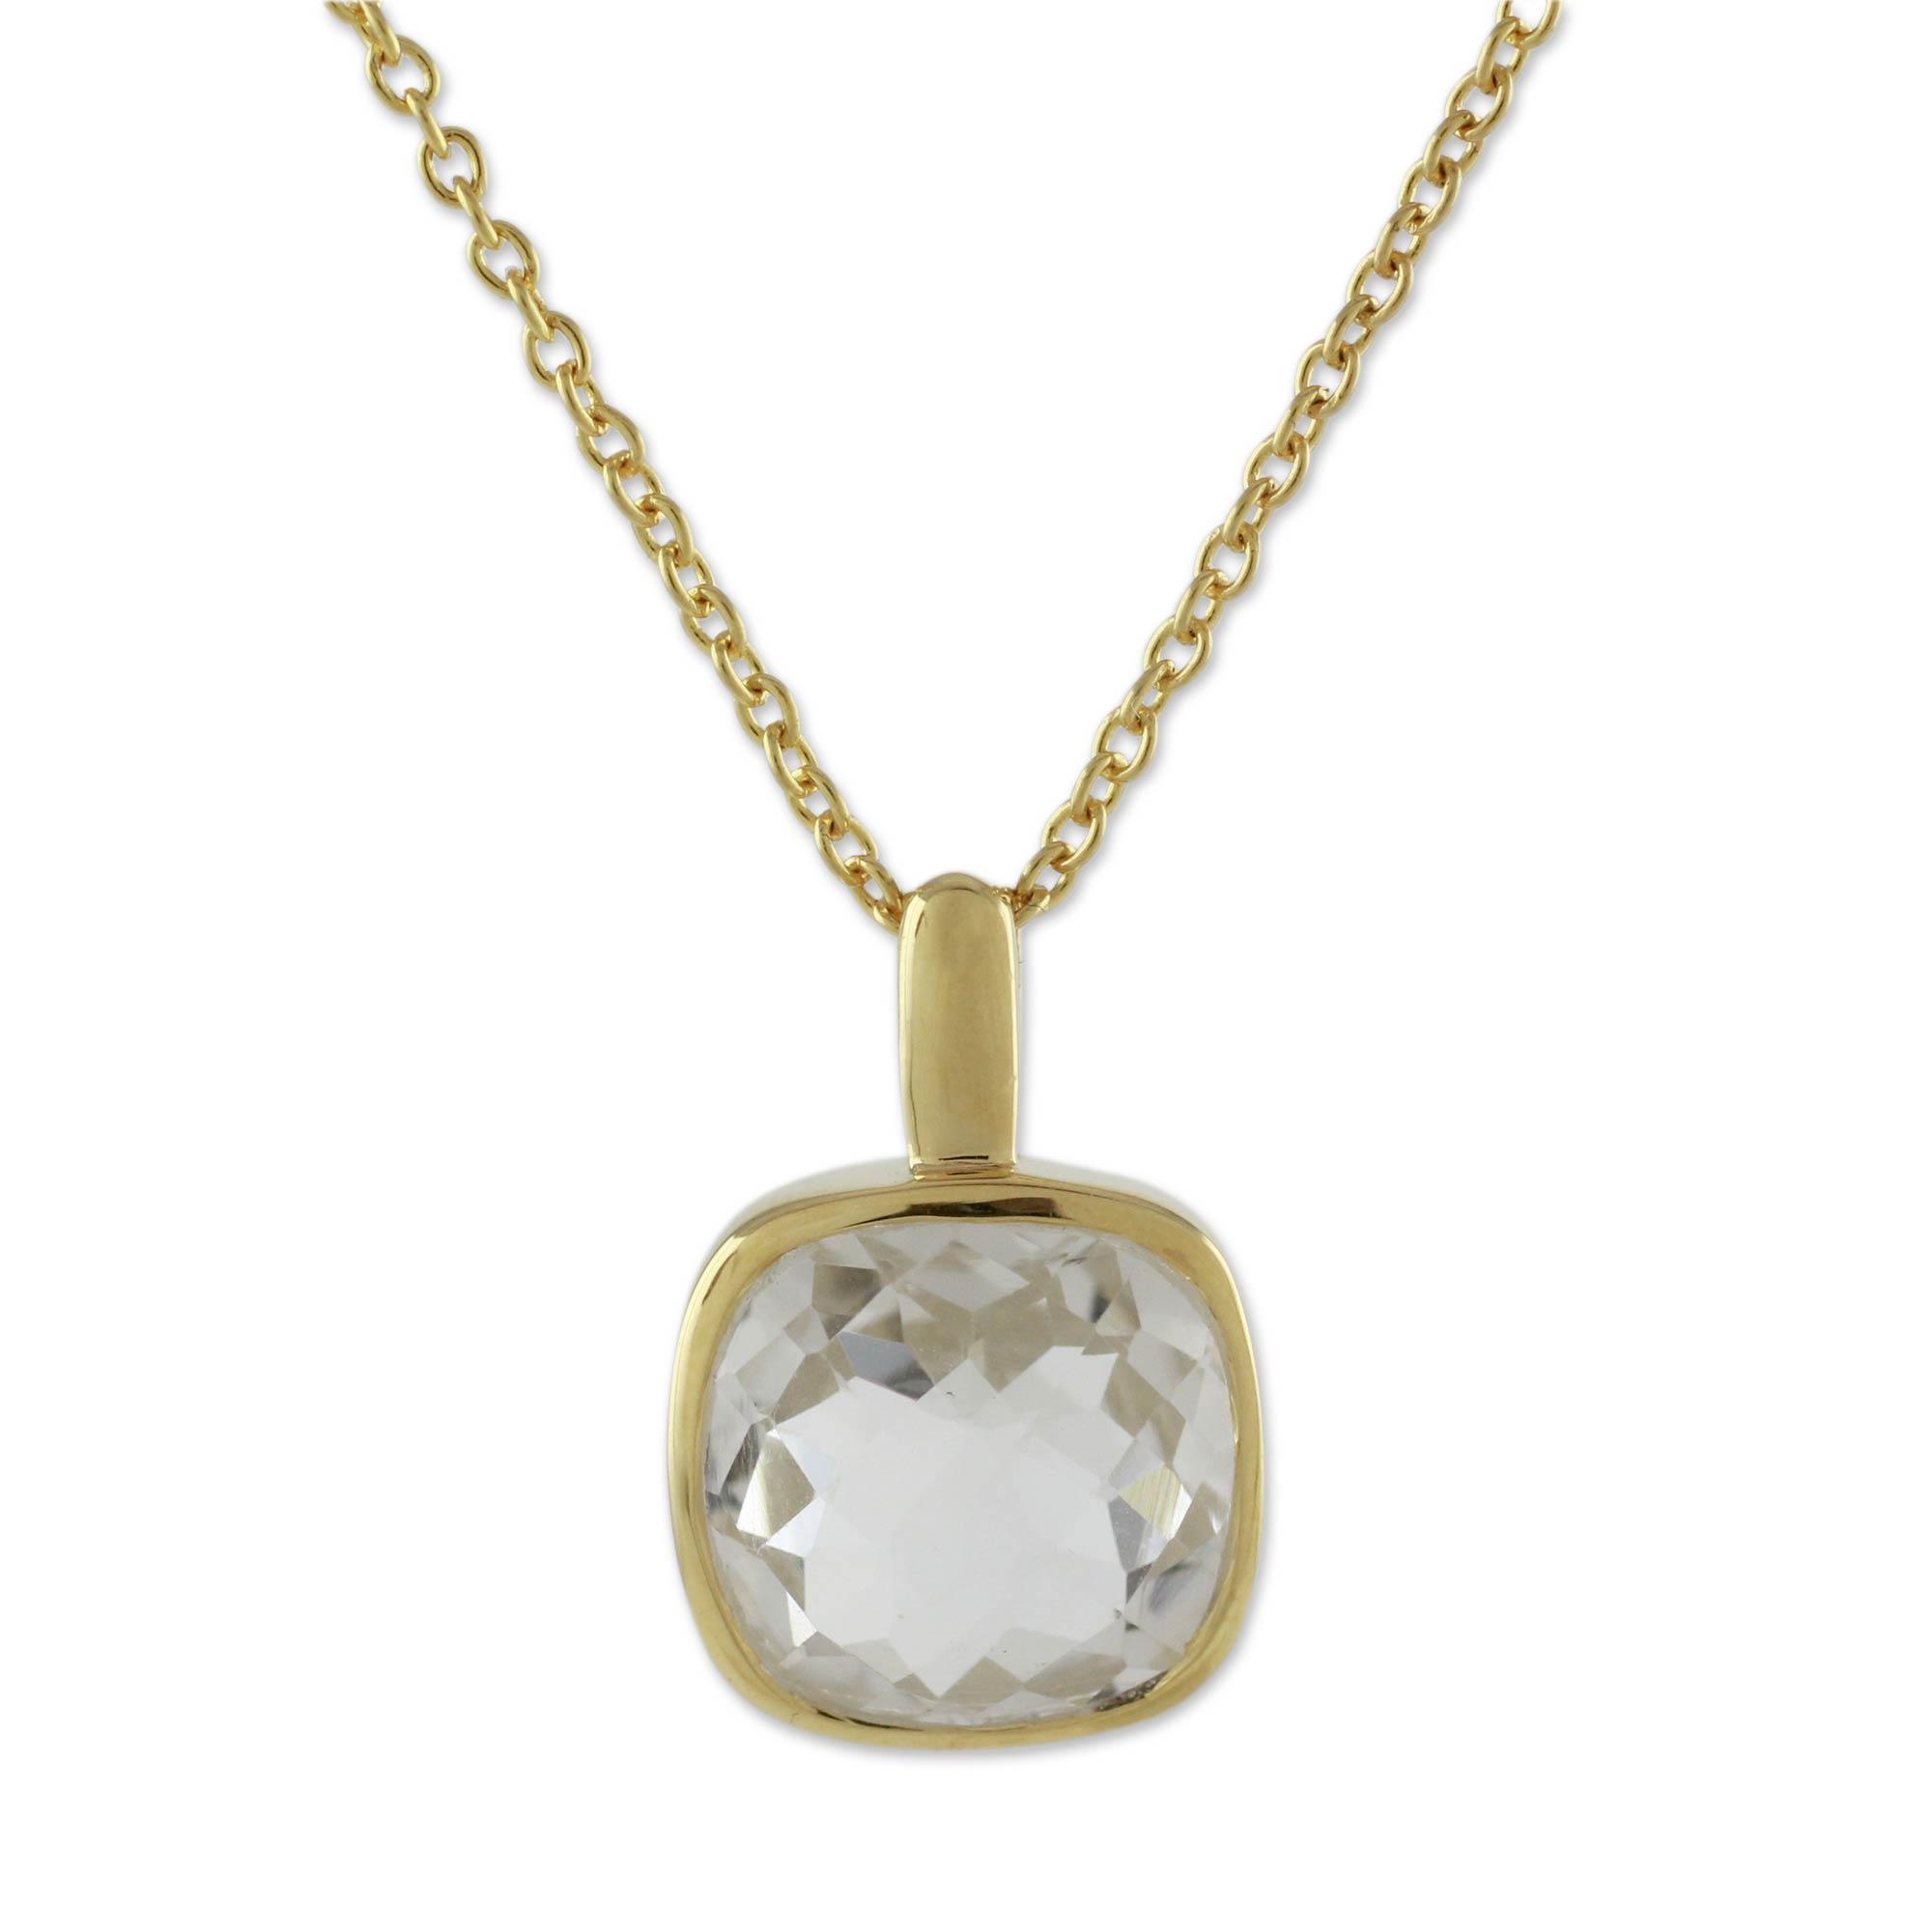 Gold vermeil quartz pendant necklace, 'Modern Charm'